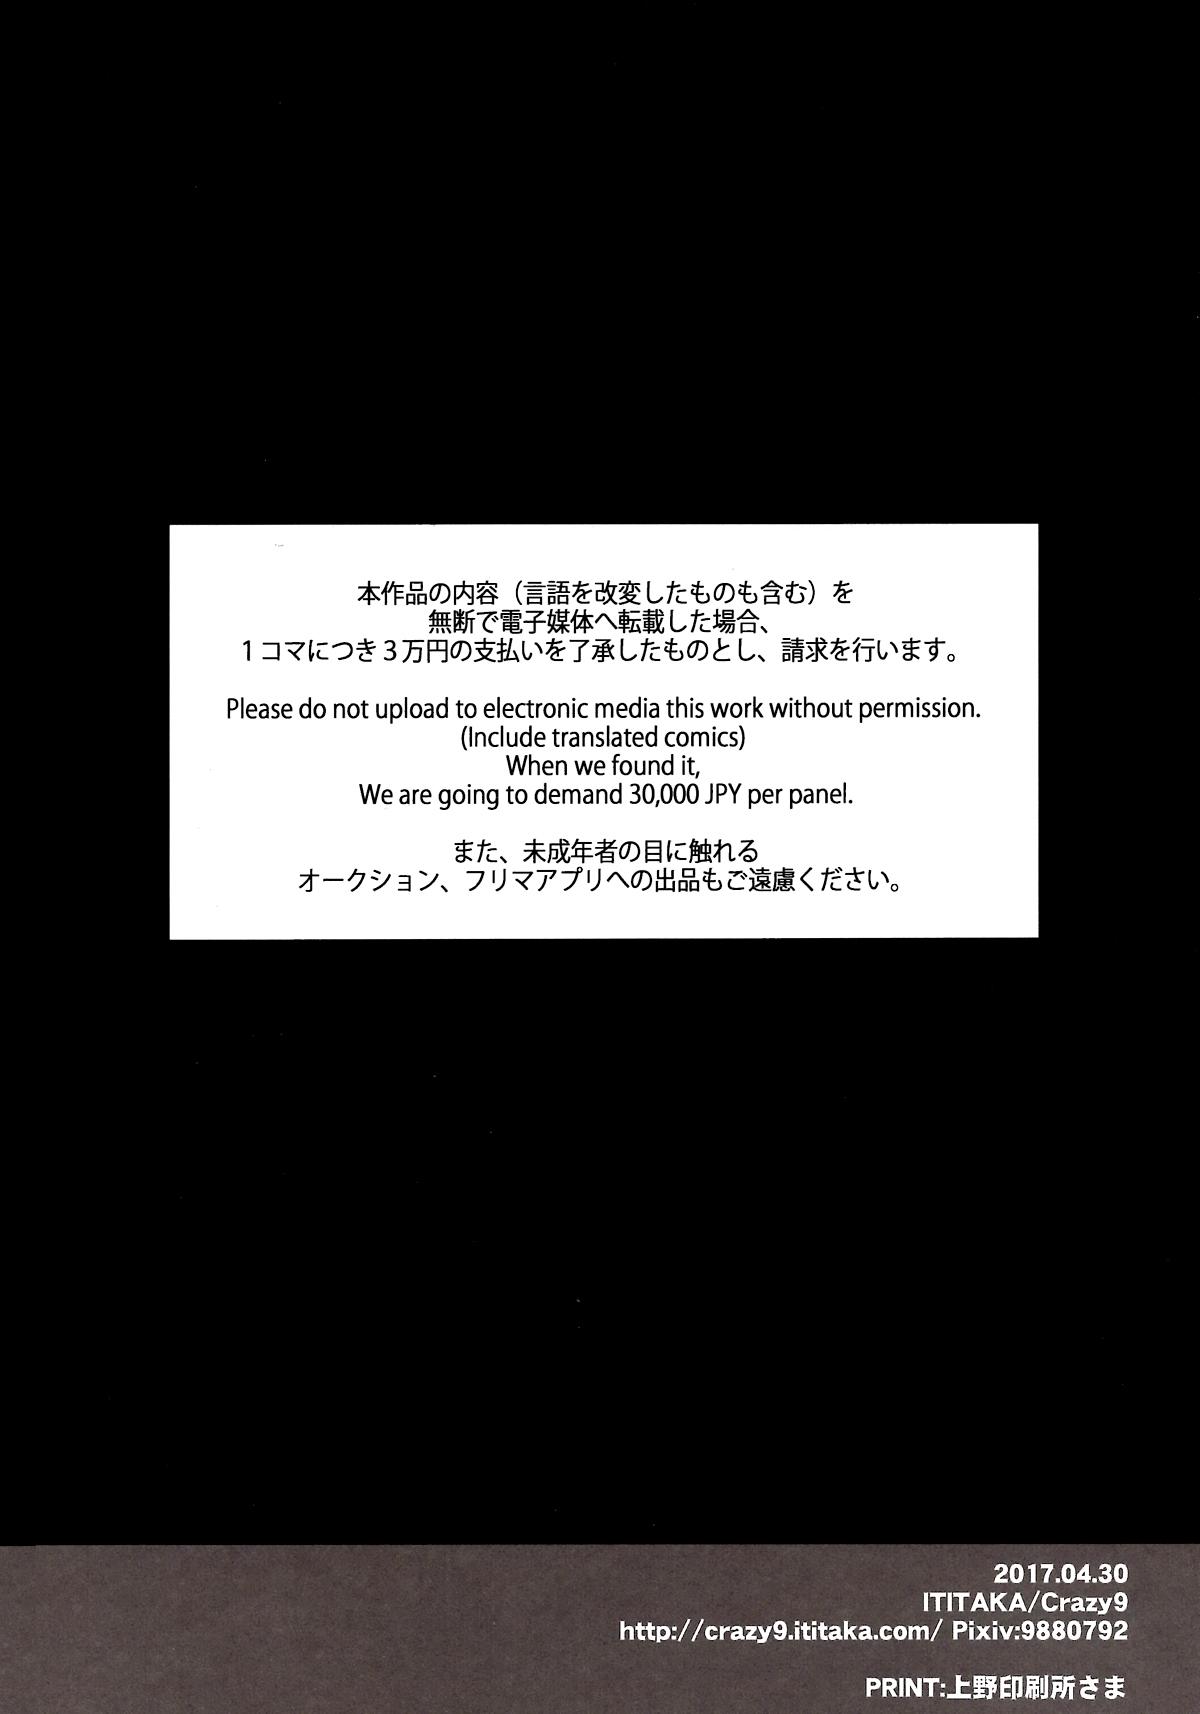 Hình ảnh 028 in Truyện Hentai C9-29 W Alter-chan to